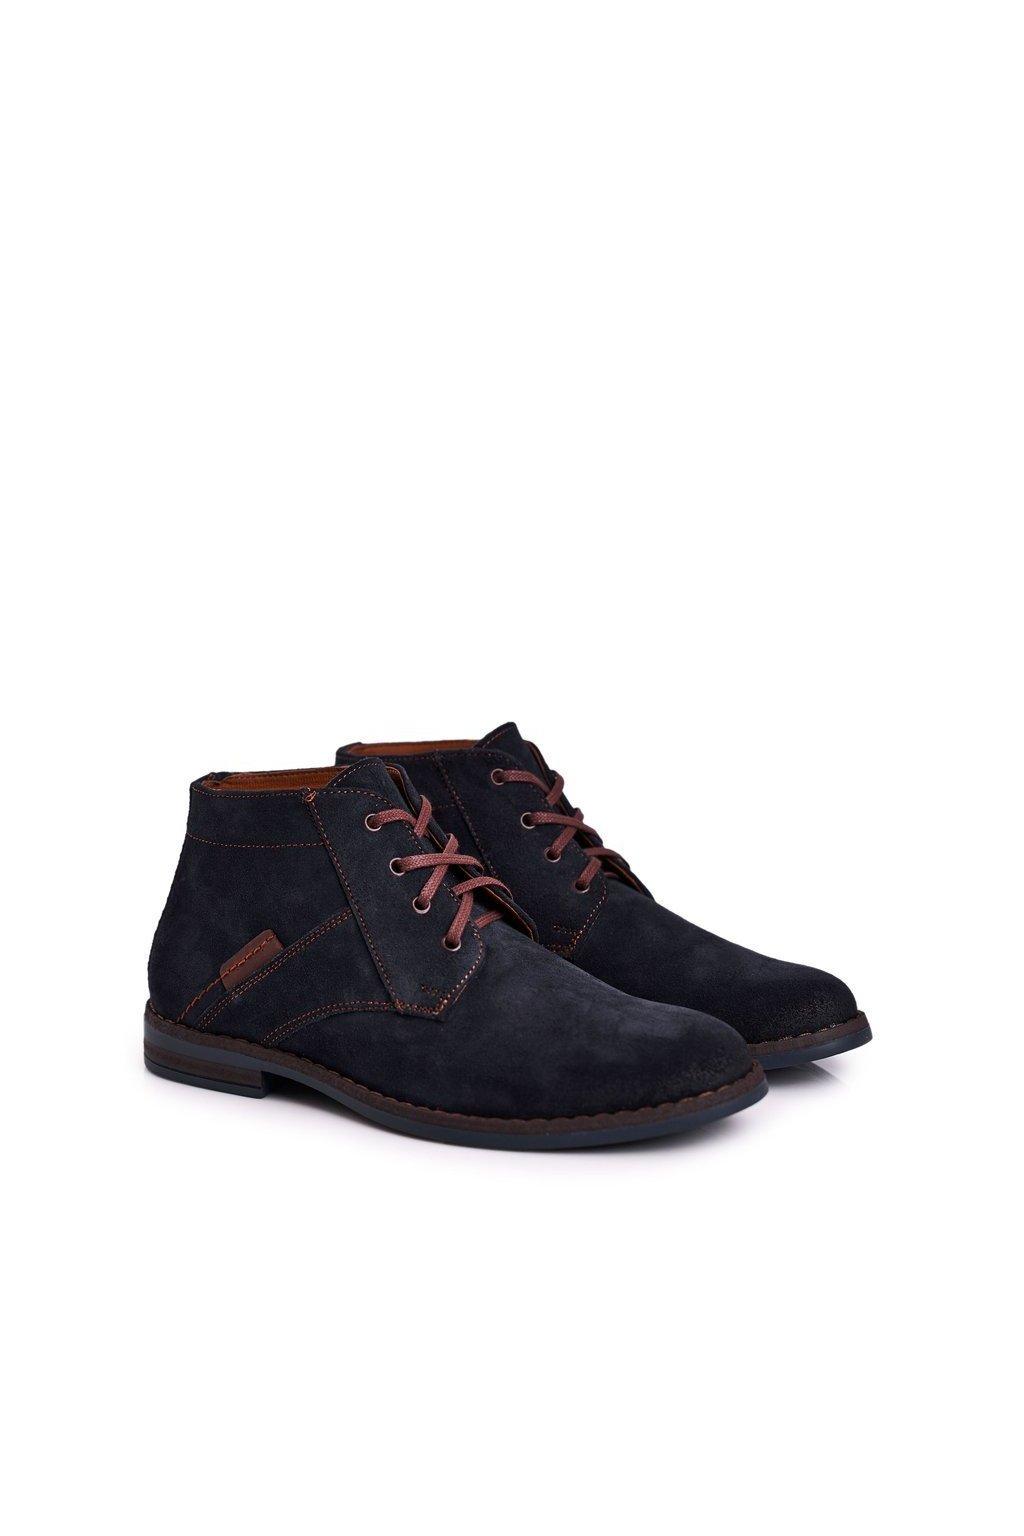 Pánske topánky na zimu farba modrá kód obuvi 605 NAVY